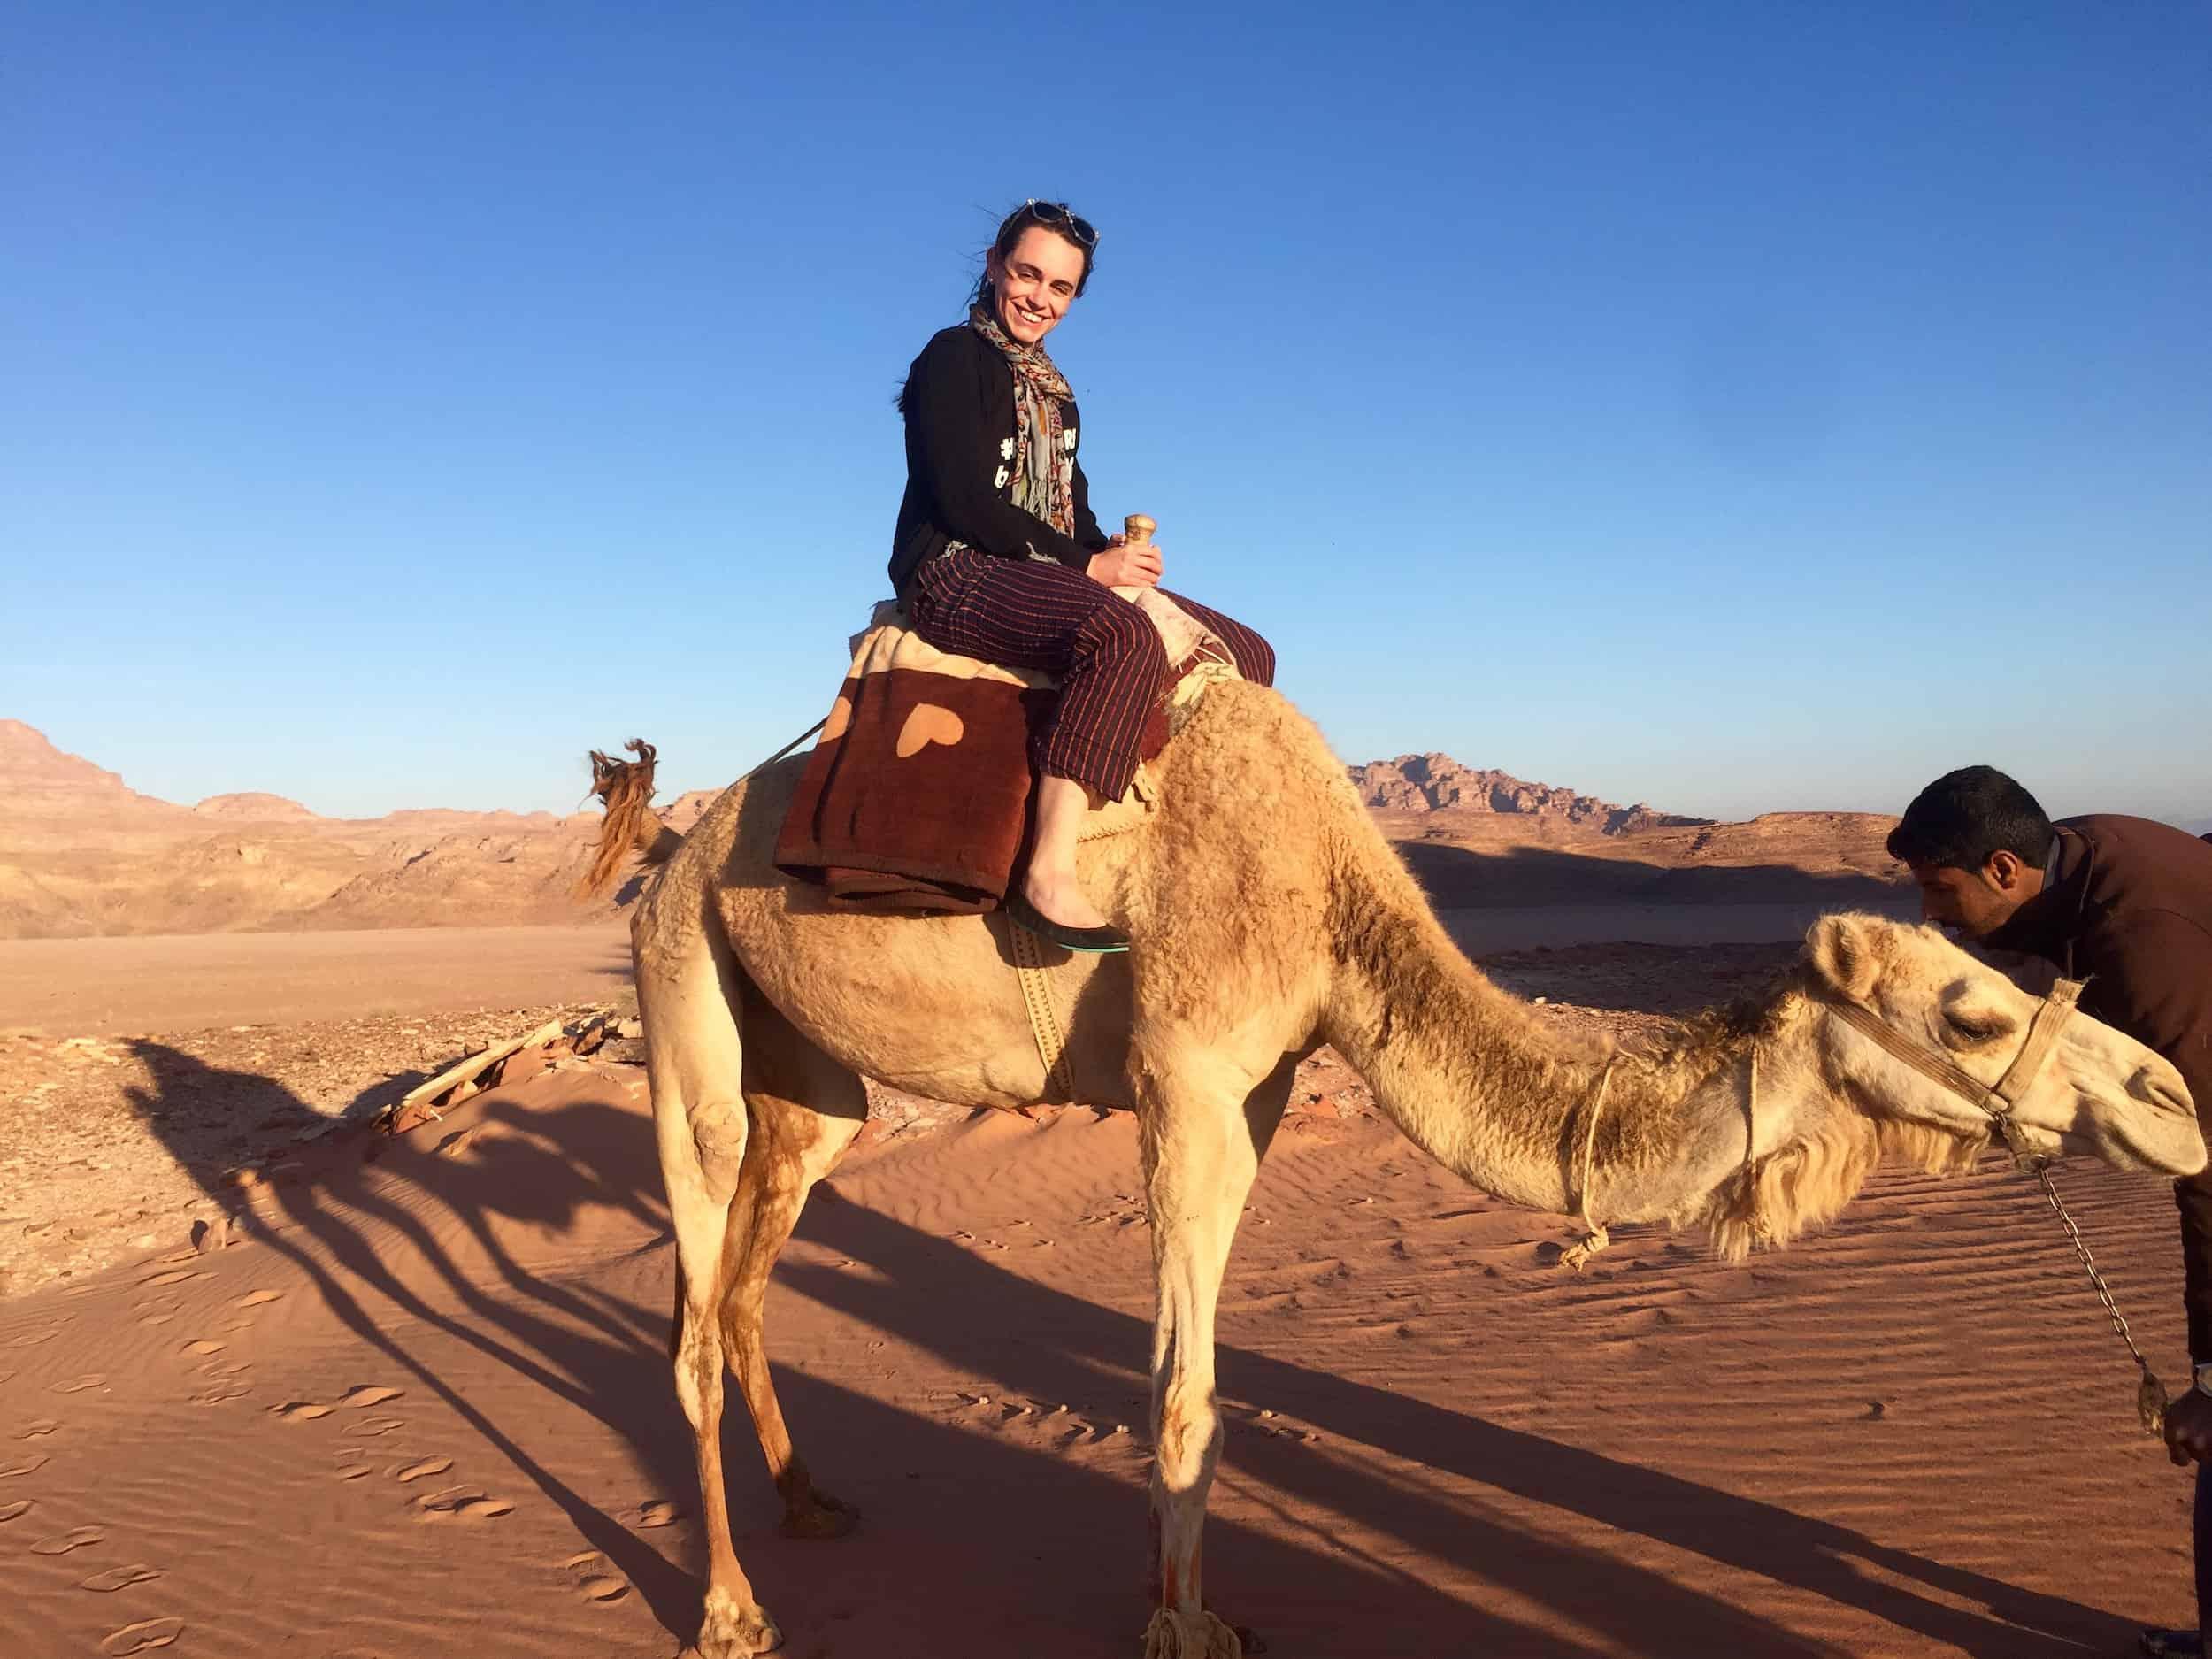 Tieks Review - Wearing Tieks in Jordan